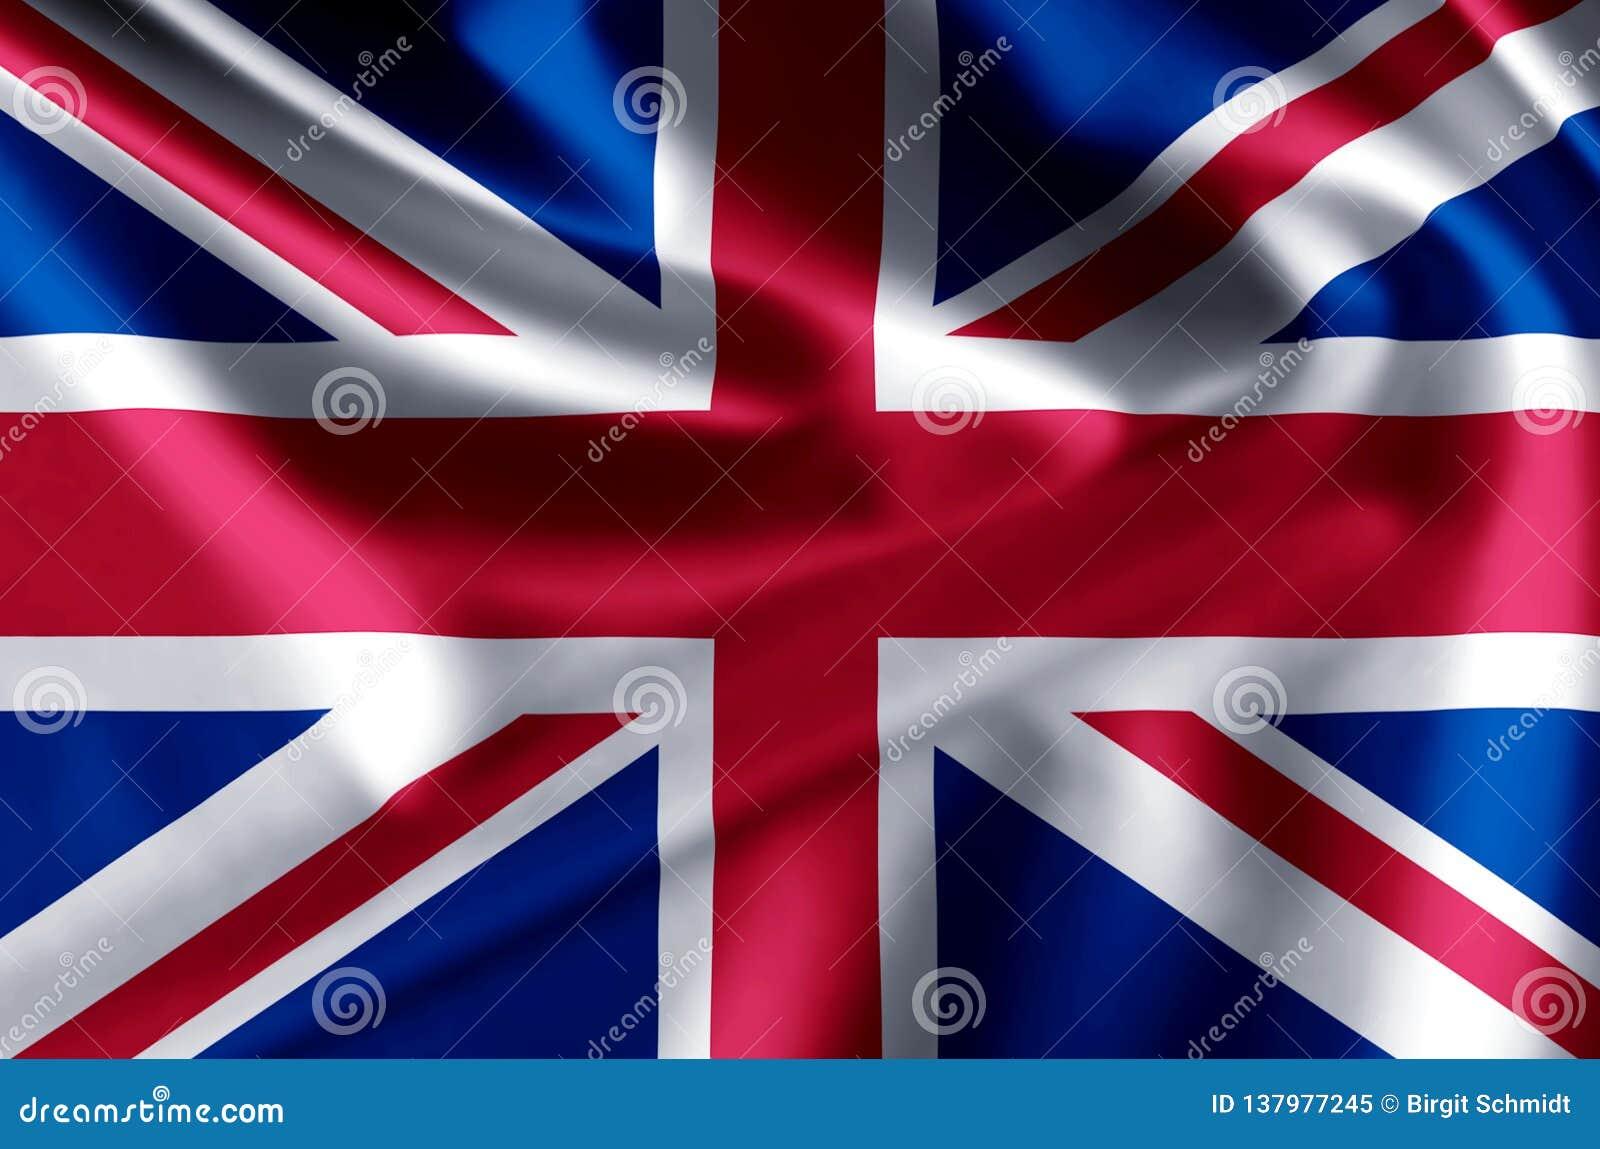 United kingdom realistic flag illustration.